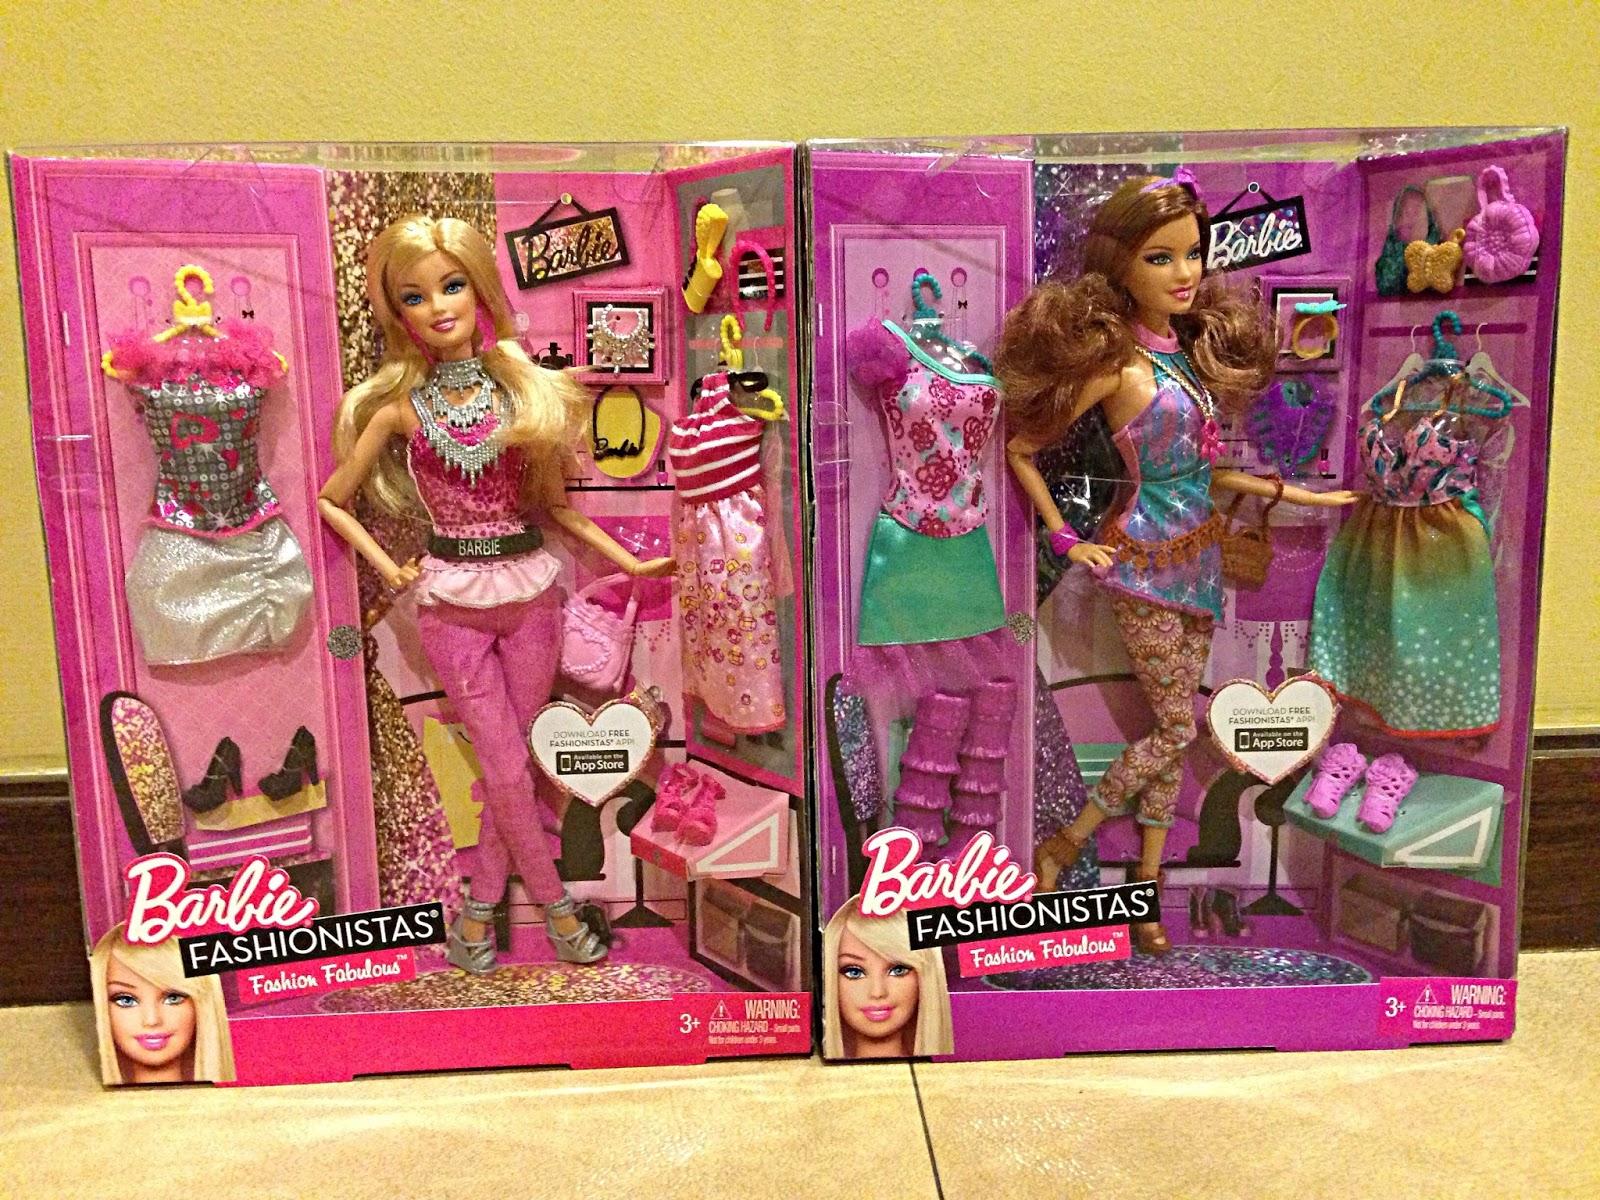 Ken Doll:   Fotos Reais das Fashionistas da 2º Wave de 2013 #AB8920 1600x1200 Banheiro Da Barbie Lojas Americanas